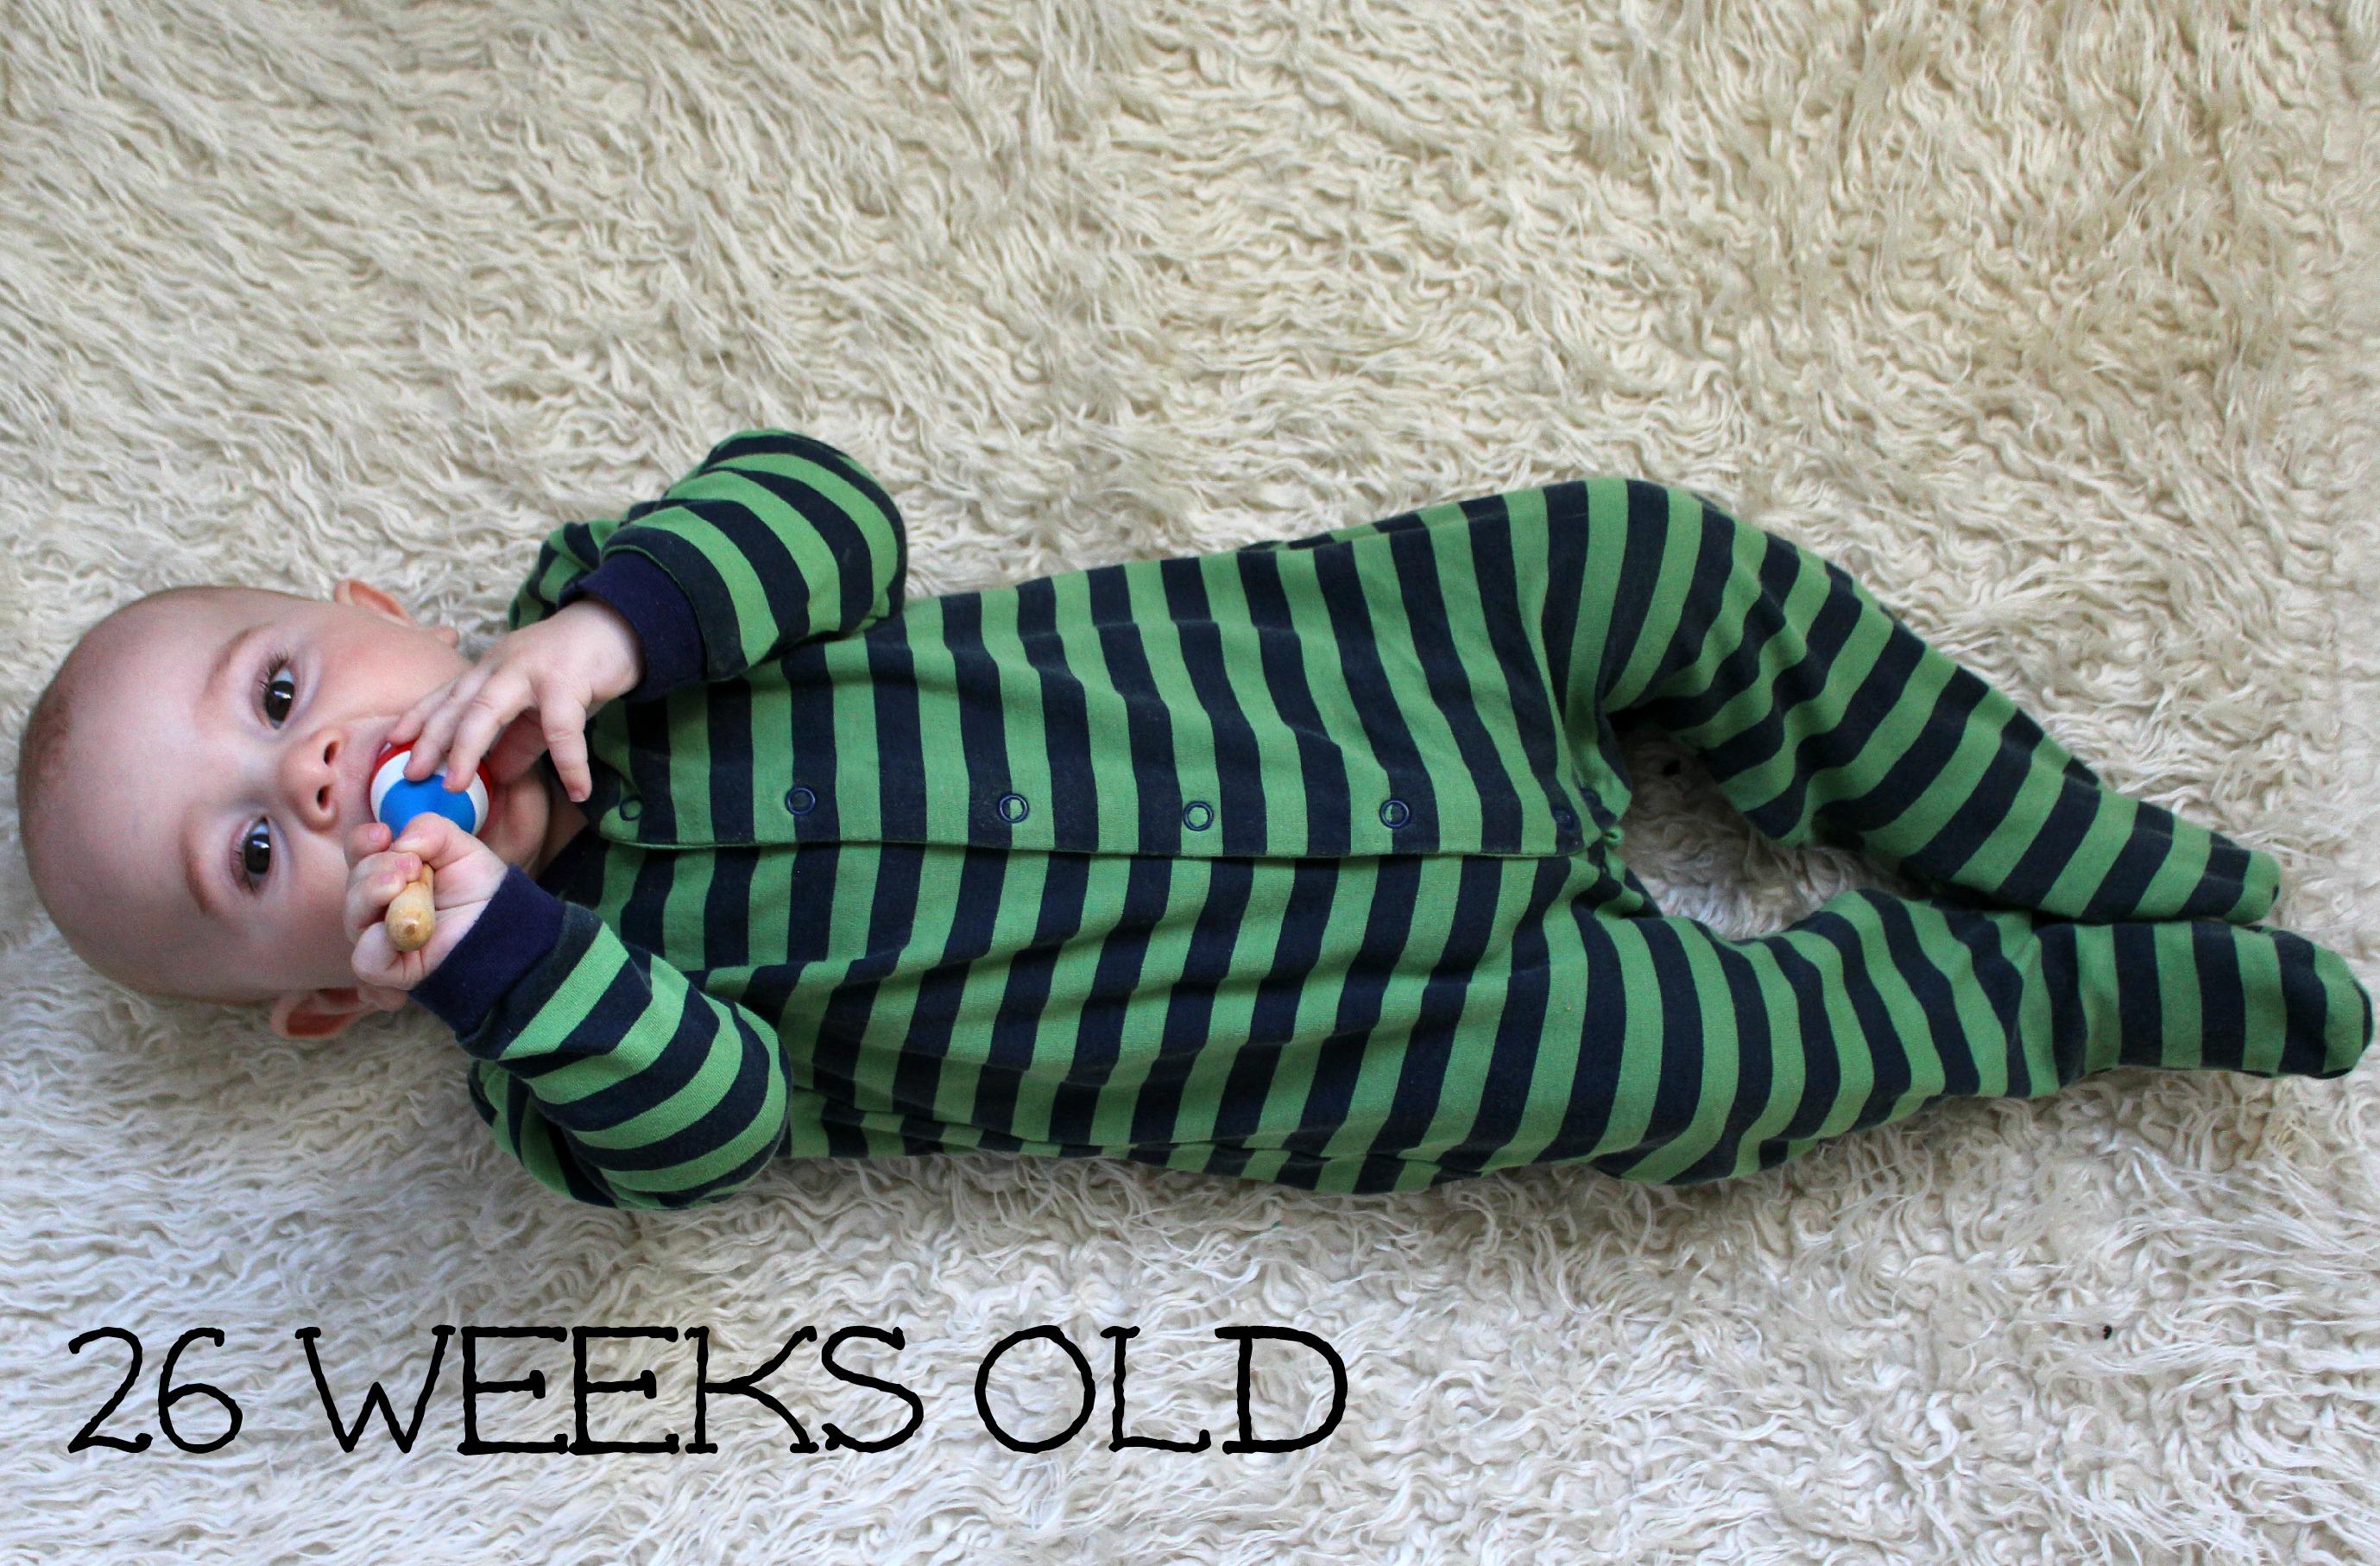 vega 26 weeks old